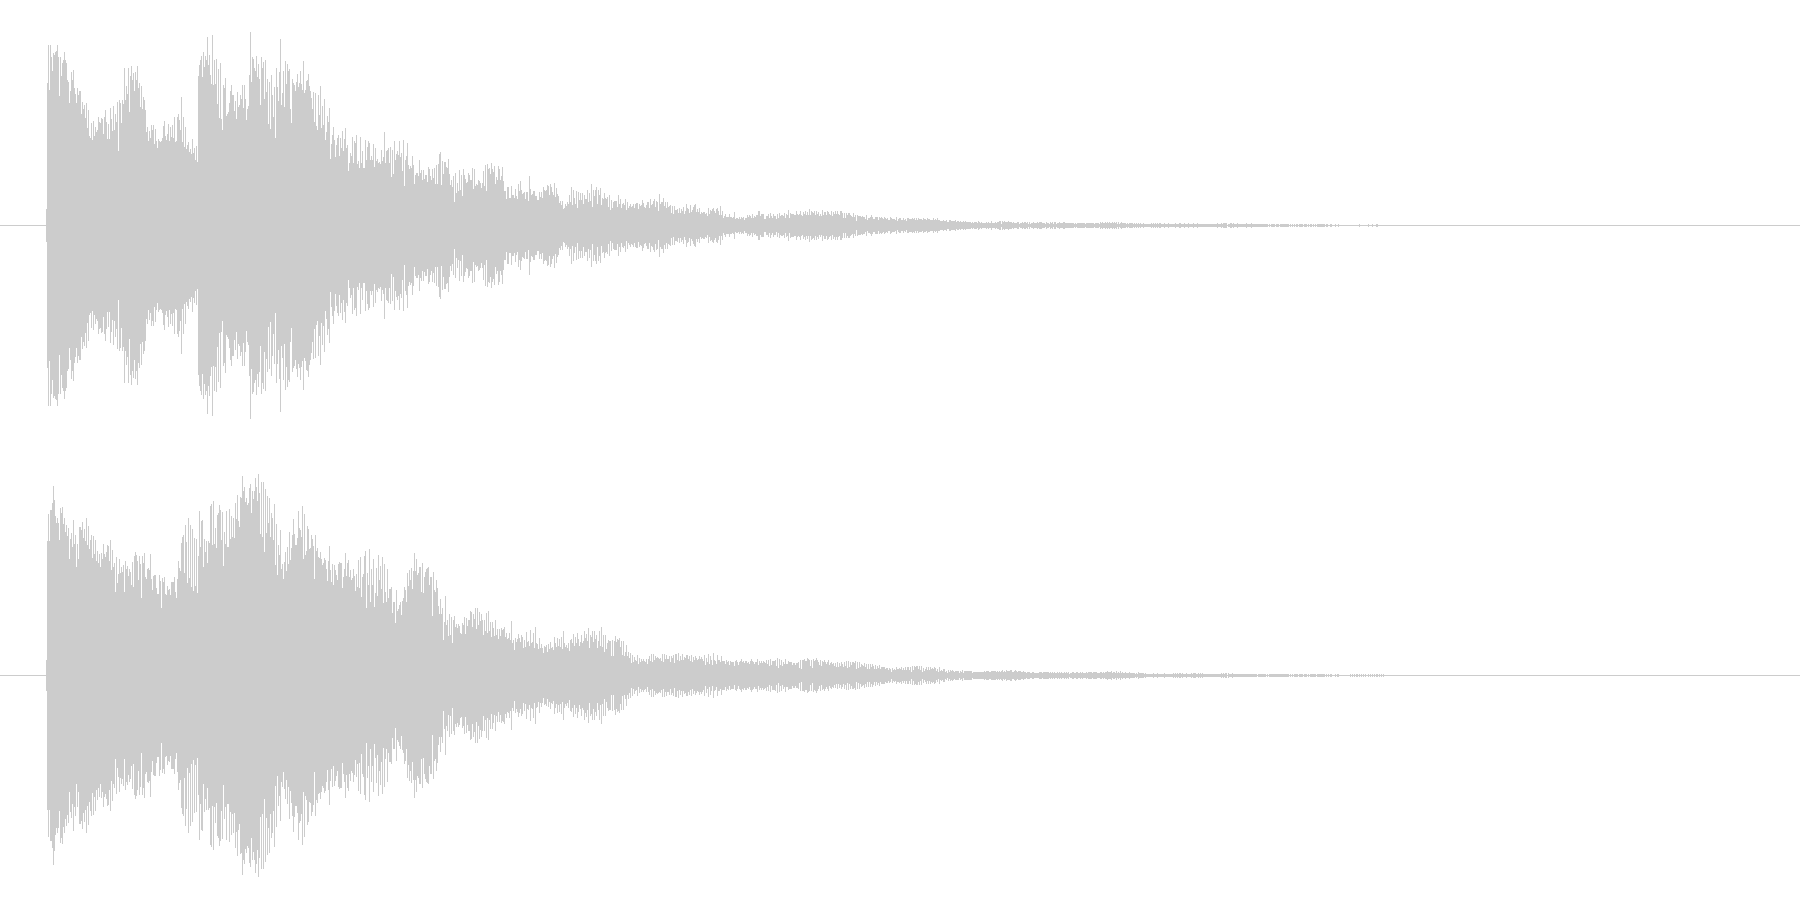 レベルアップ/宇宙/シューティング系の未再生の波形